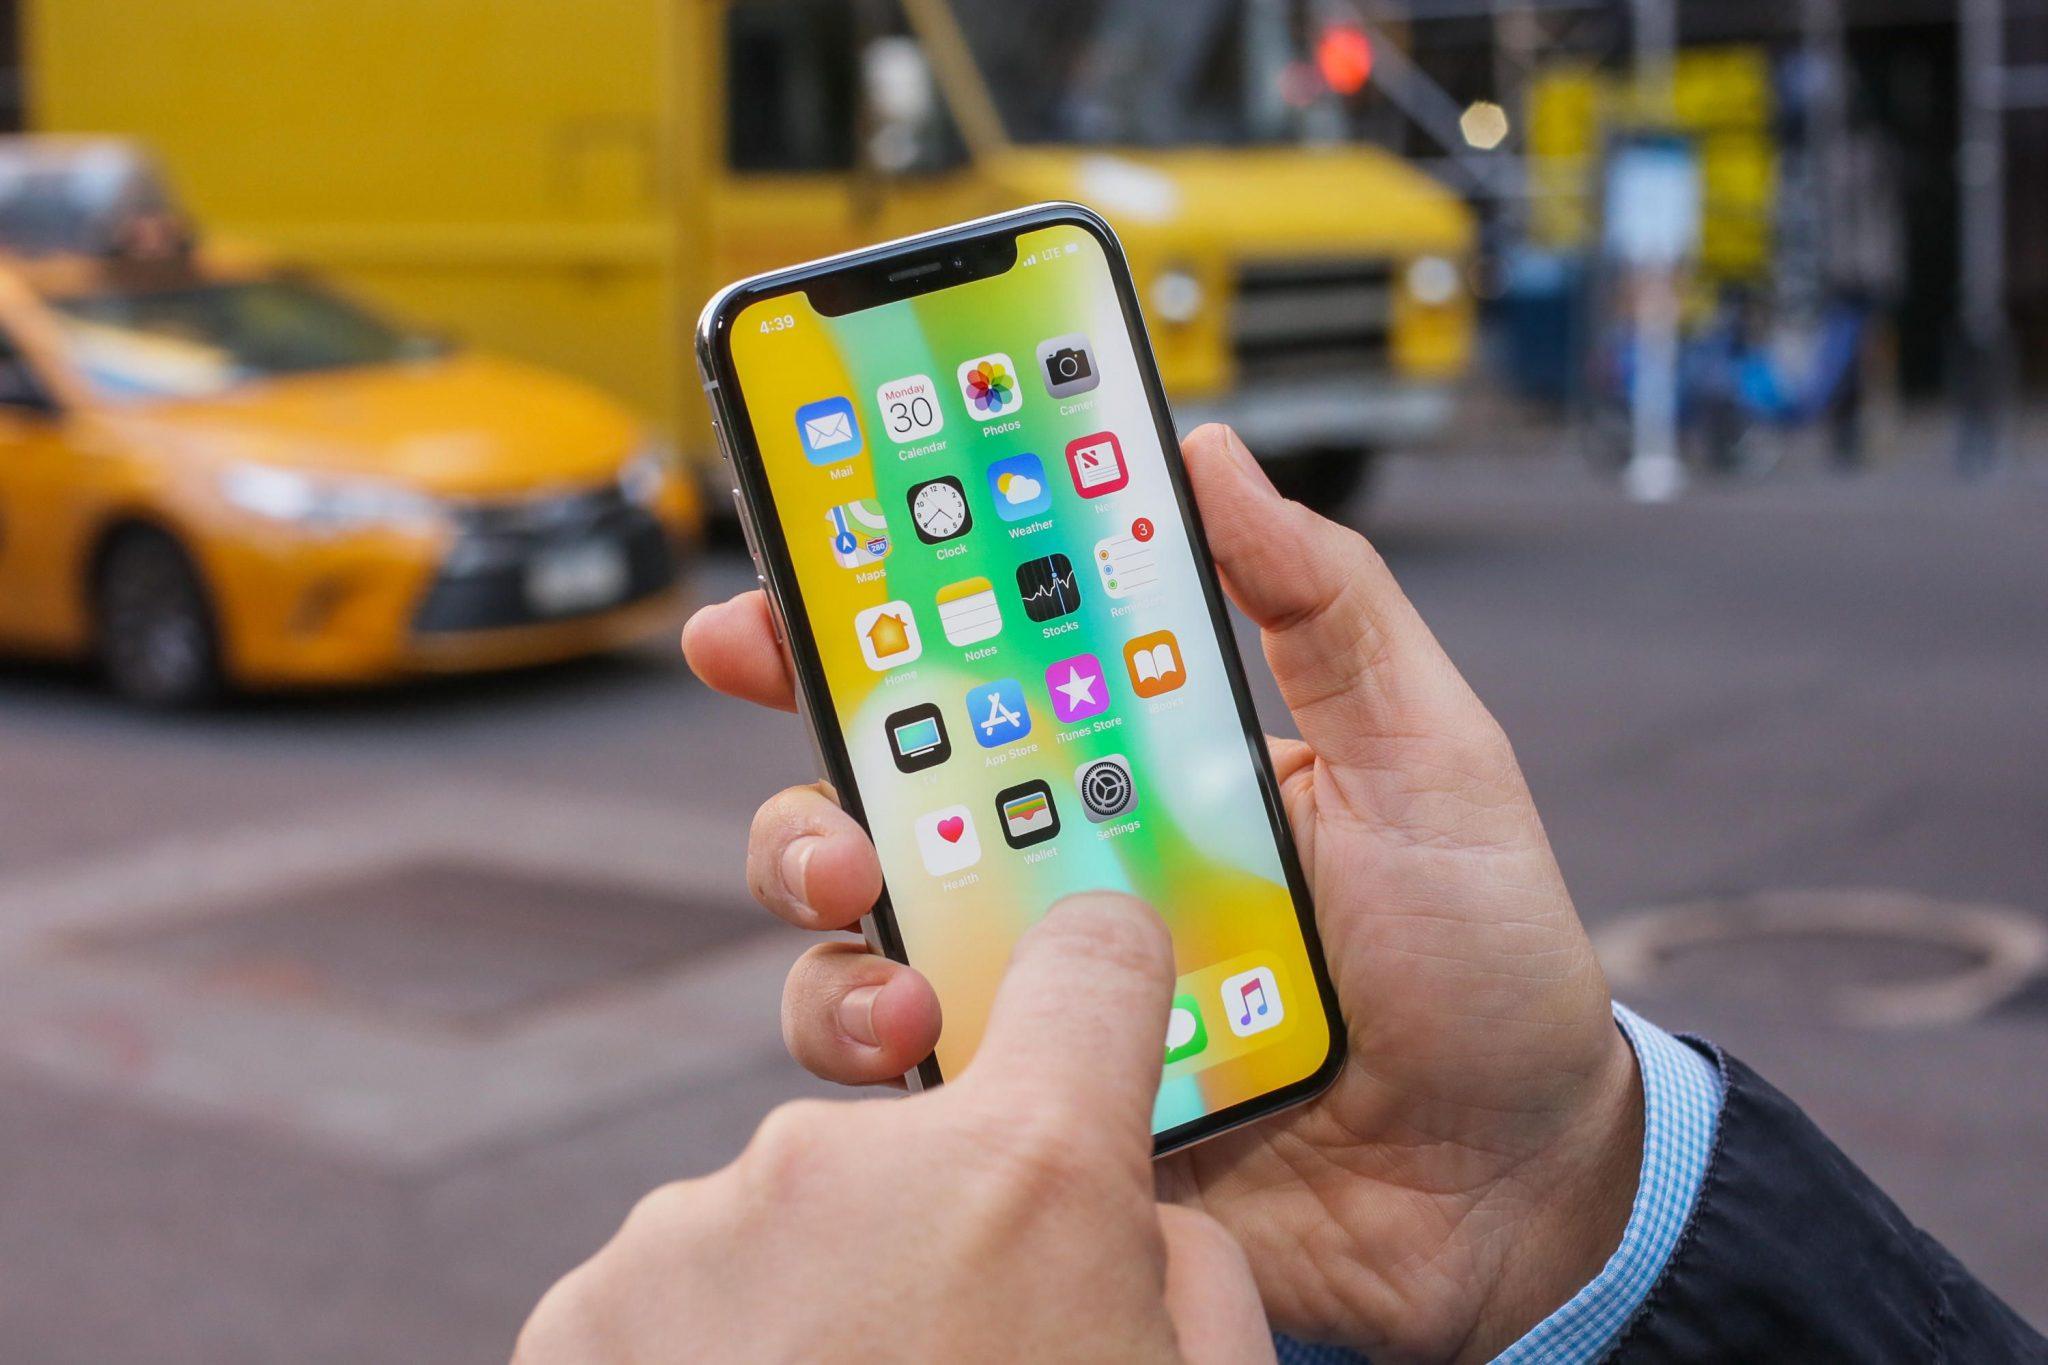 اپل در سال ۲۰۲۰ گوشی های خود را با صفحه OLED تولید خواهد کرد